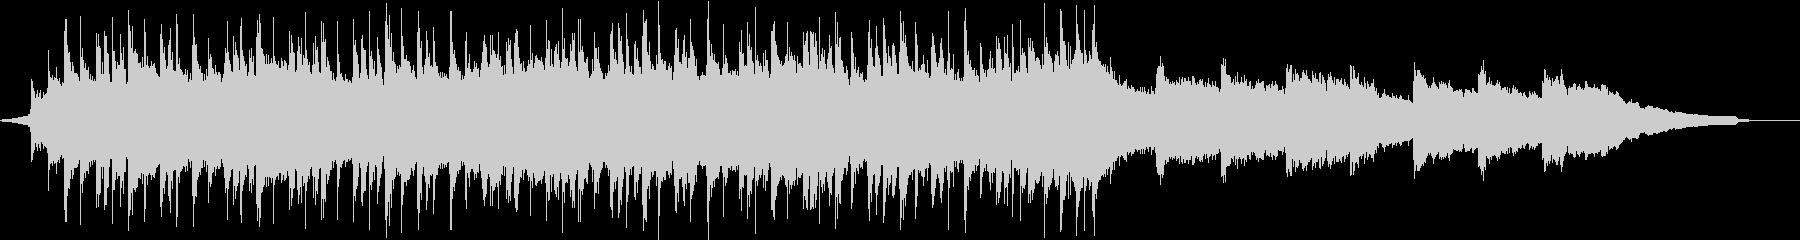 陽気なロックのコーポレートBGM③の未再生の波形